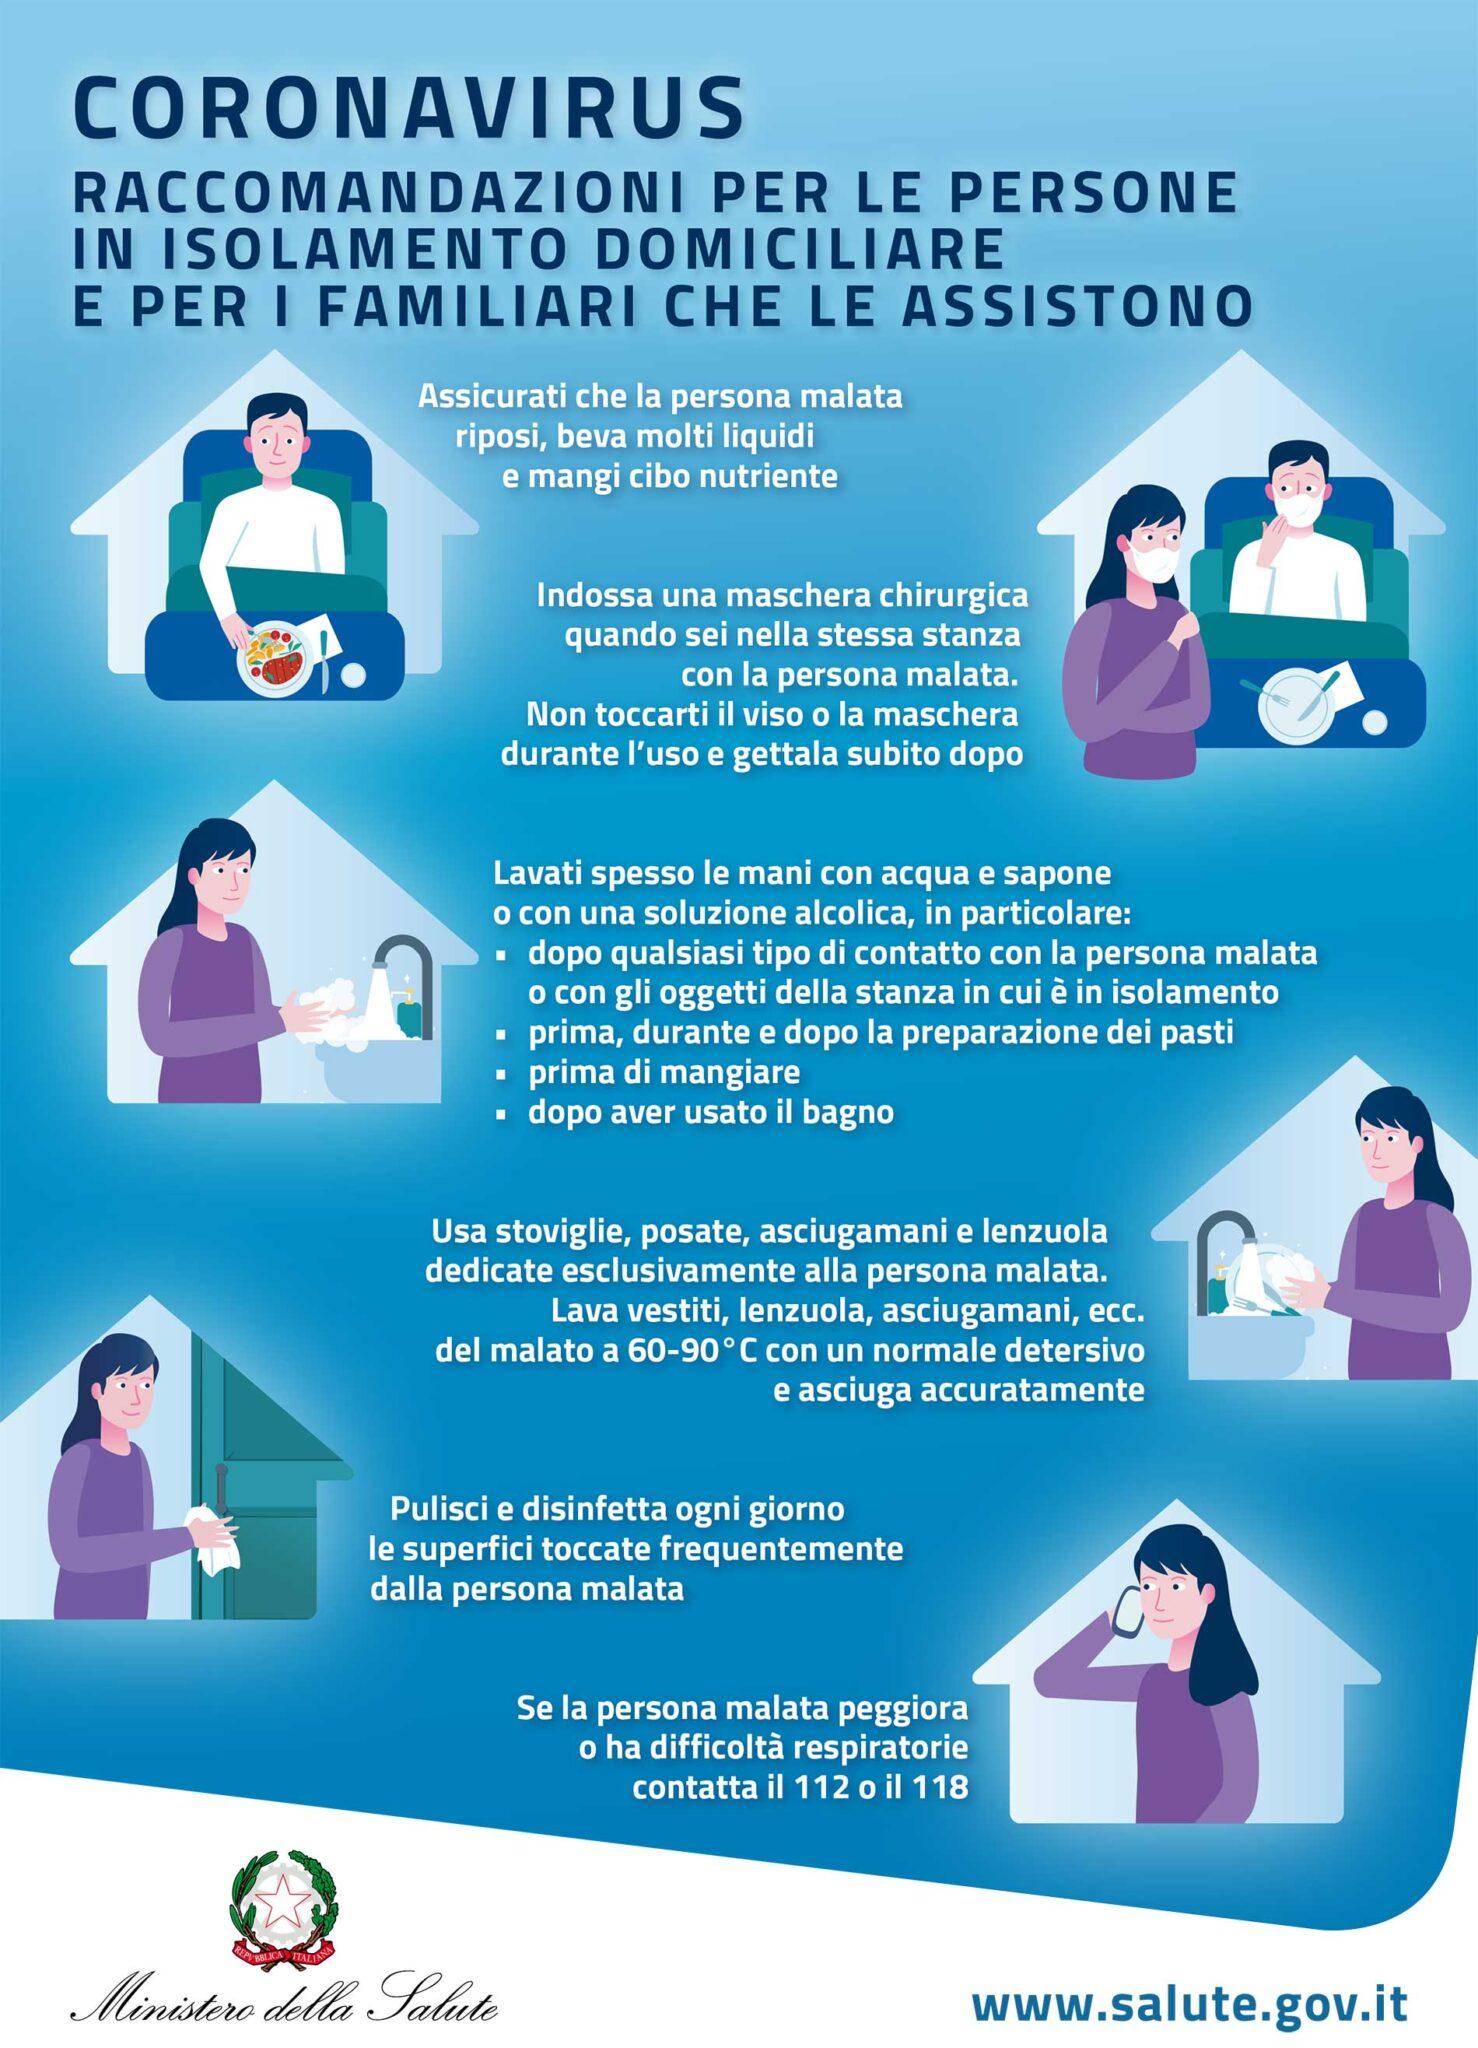 Raccomandazioni per isolamento domiciliare per soggetti affetti da COVID-19